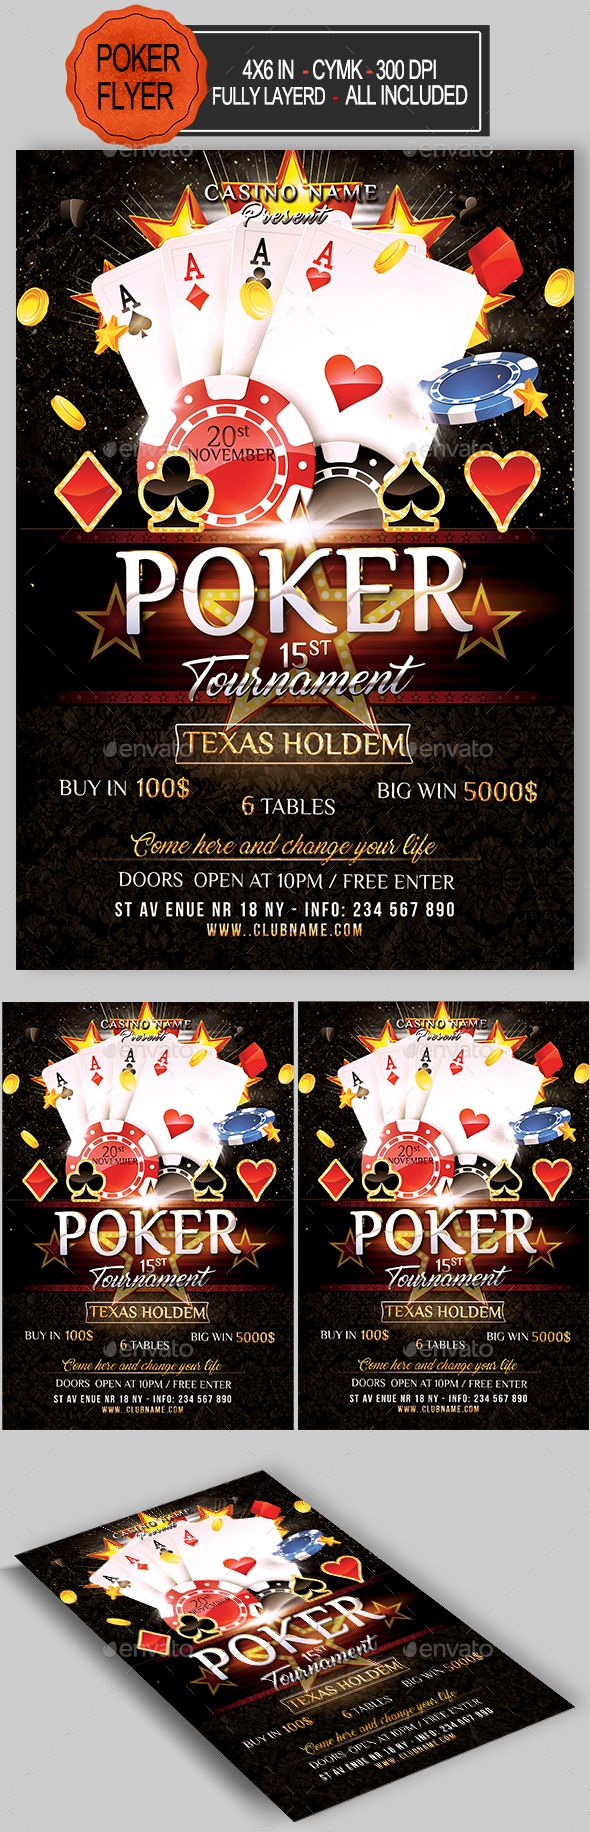 poker tournament flyer template psd